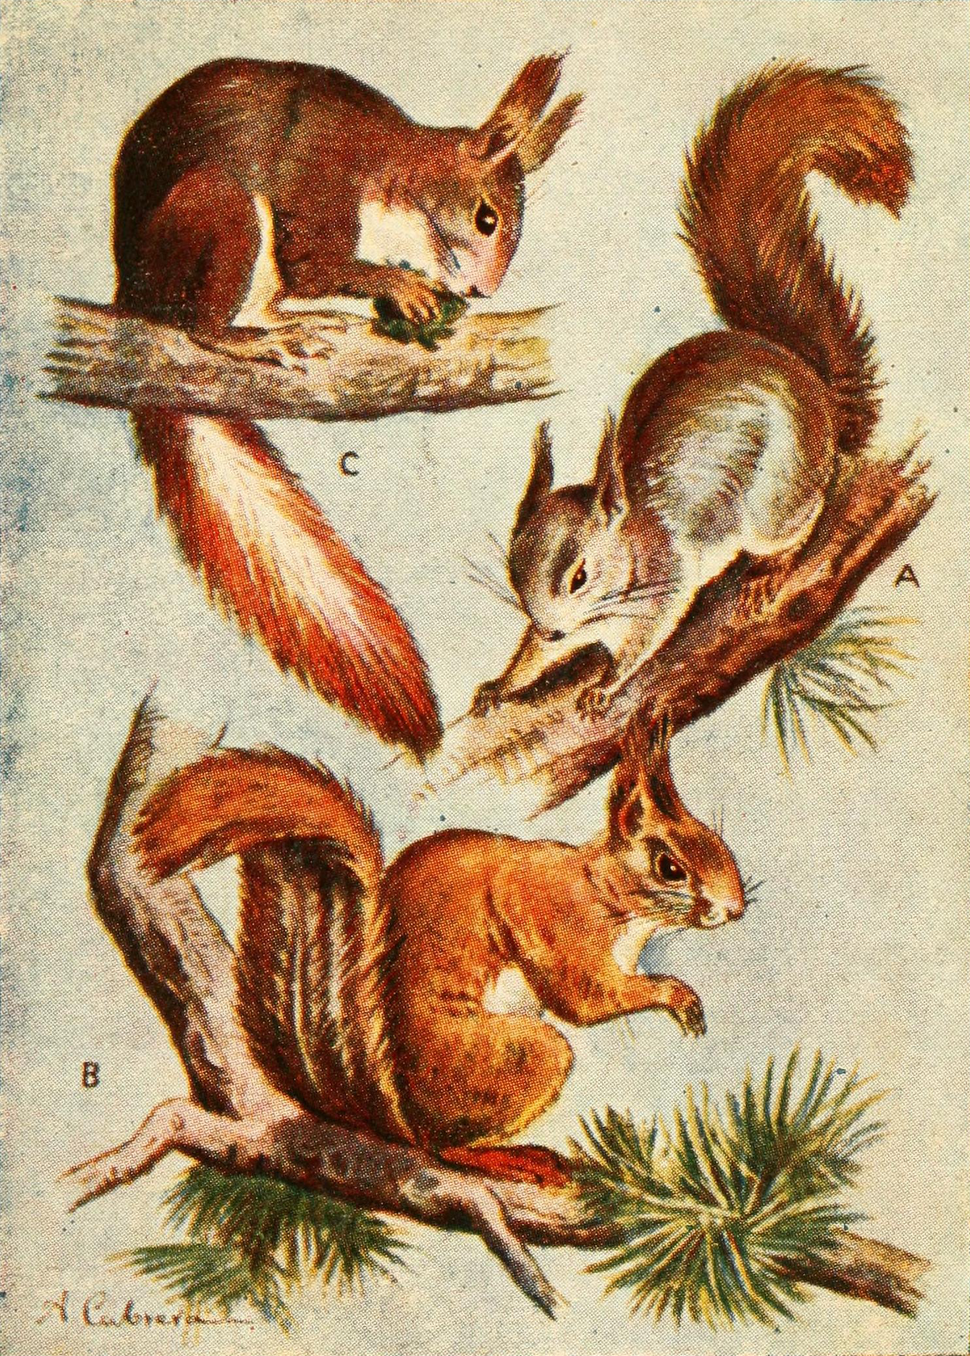 Red squirrel subspecies